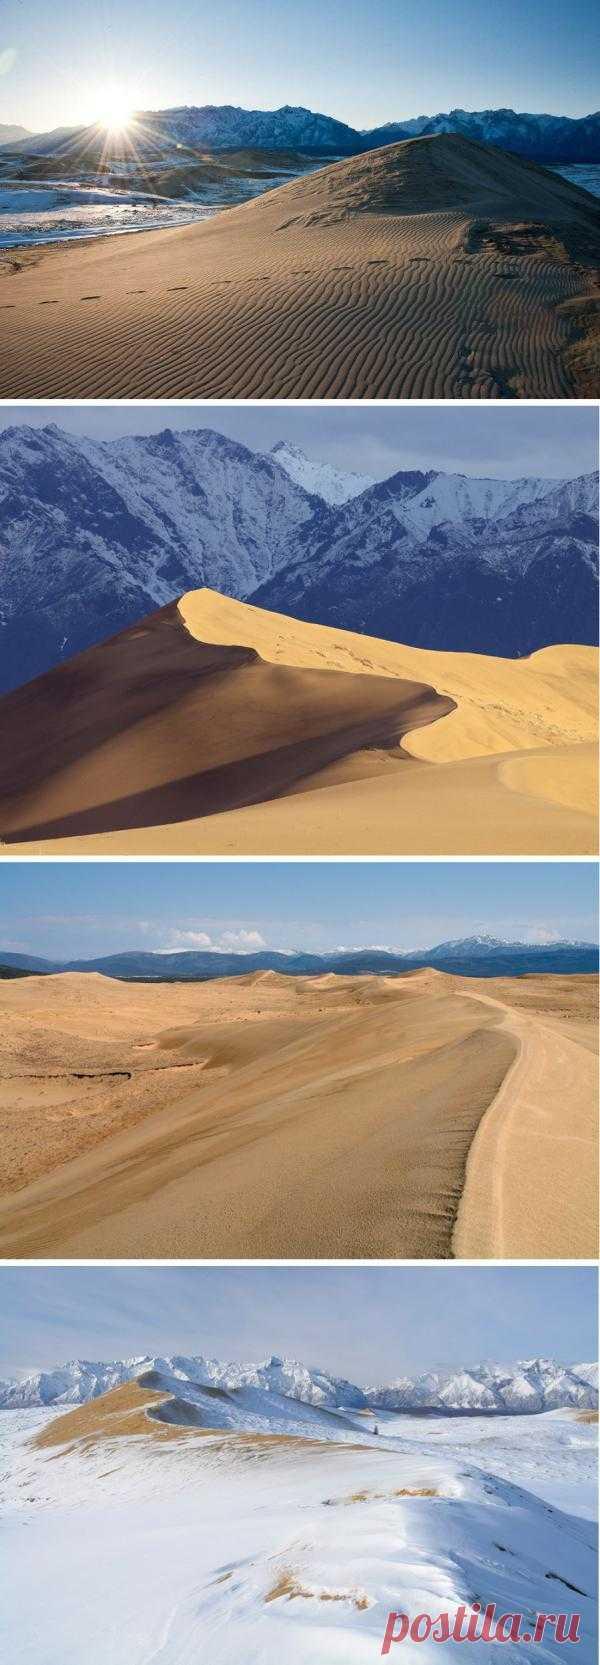 Забайкальская Сахара. Необыкновенное место, расположенное в Забайкалье, напоминает настоящую пустыню. Это Чарские пески – место, подобное которому больше не найти. Это настоящая пустыня, в которой с раскаленным песком соседствует холодная наледь. Пески окружают горы покрытые снегом круглый год, а пески уходят в болота и озера. Каларский район, Забайкальский край